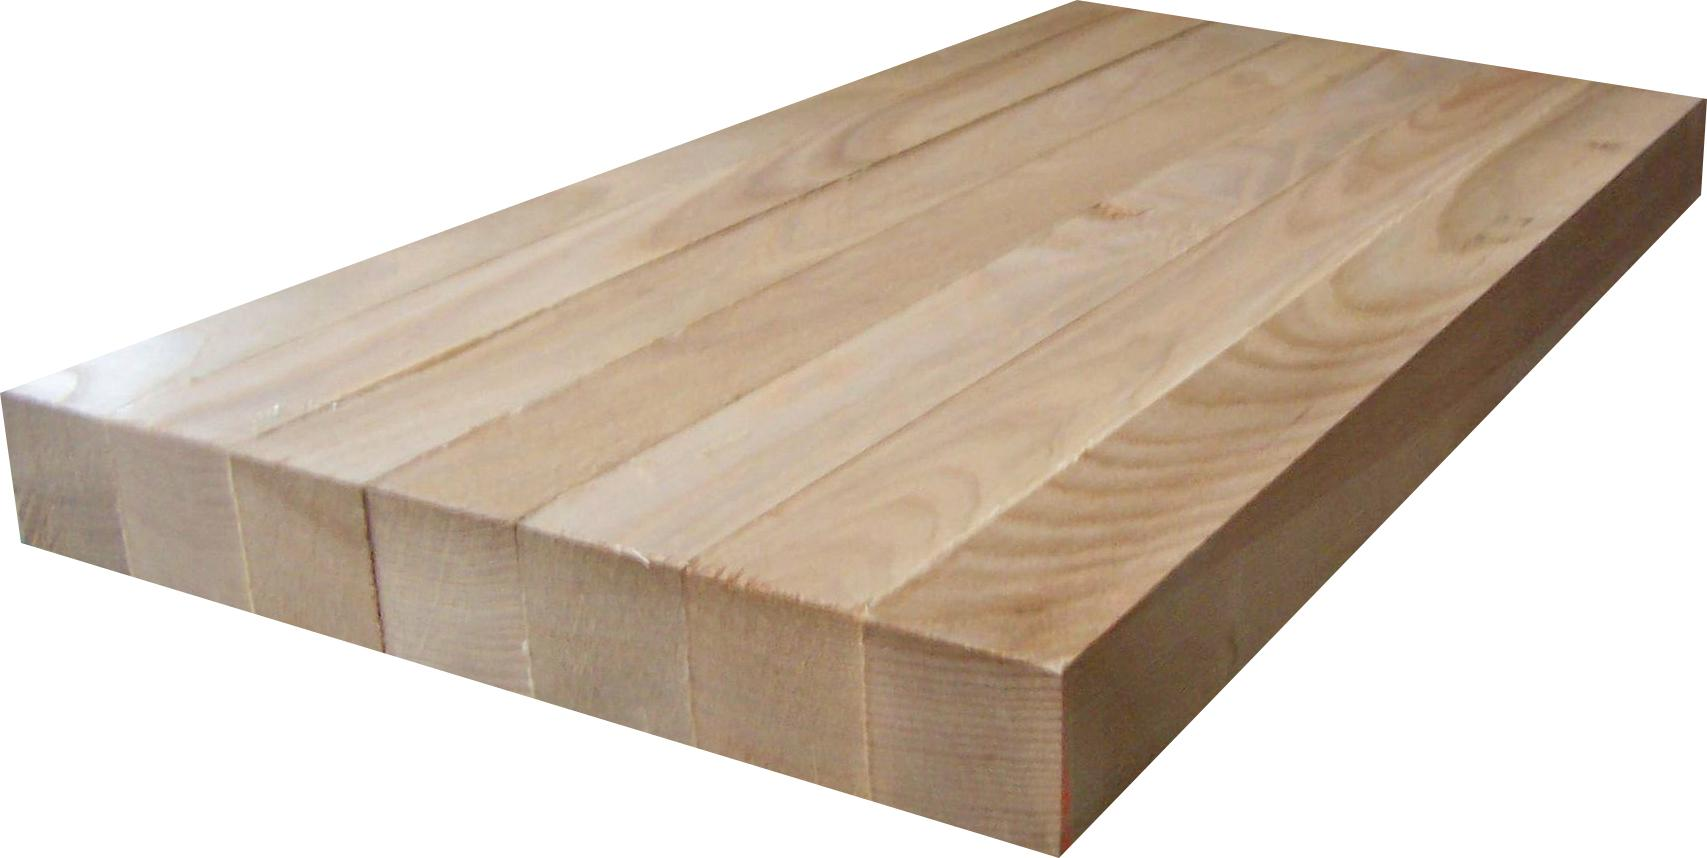 Maderas duras europa norteam rica fresno blanco europa - Precio listones de madera ...